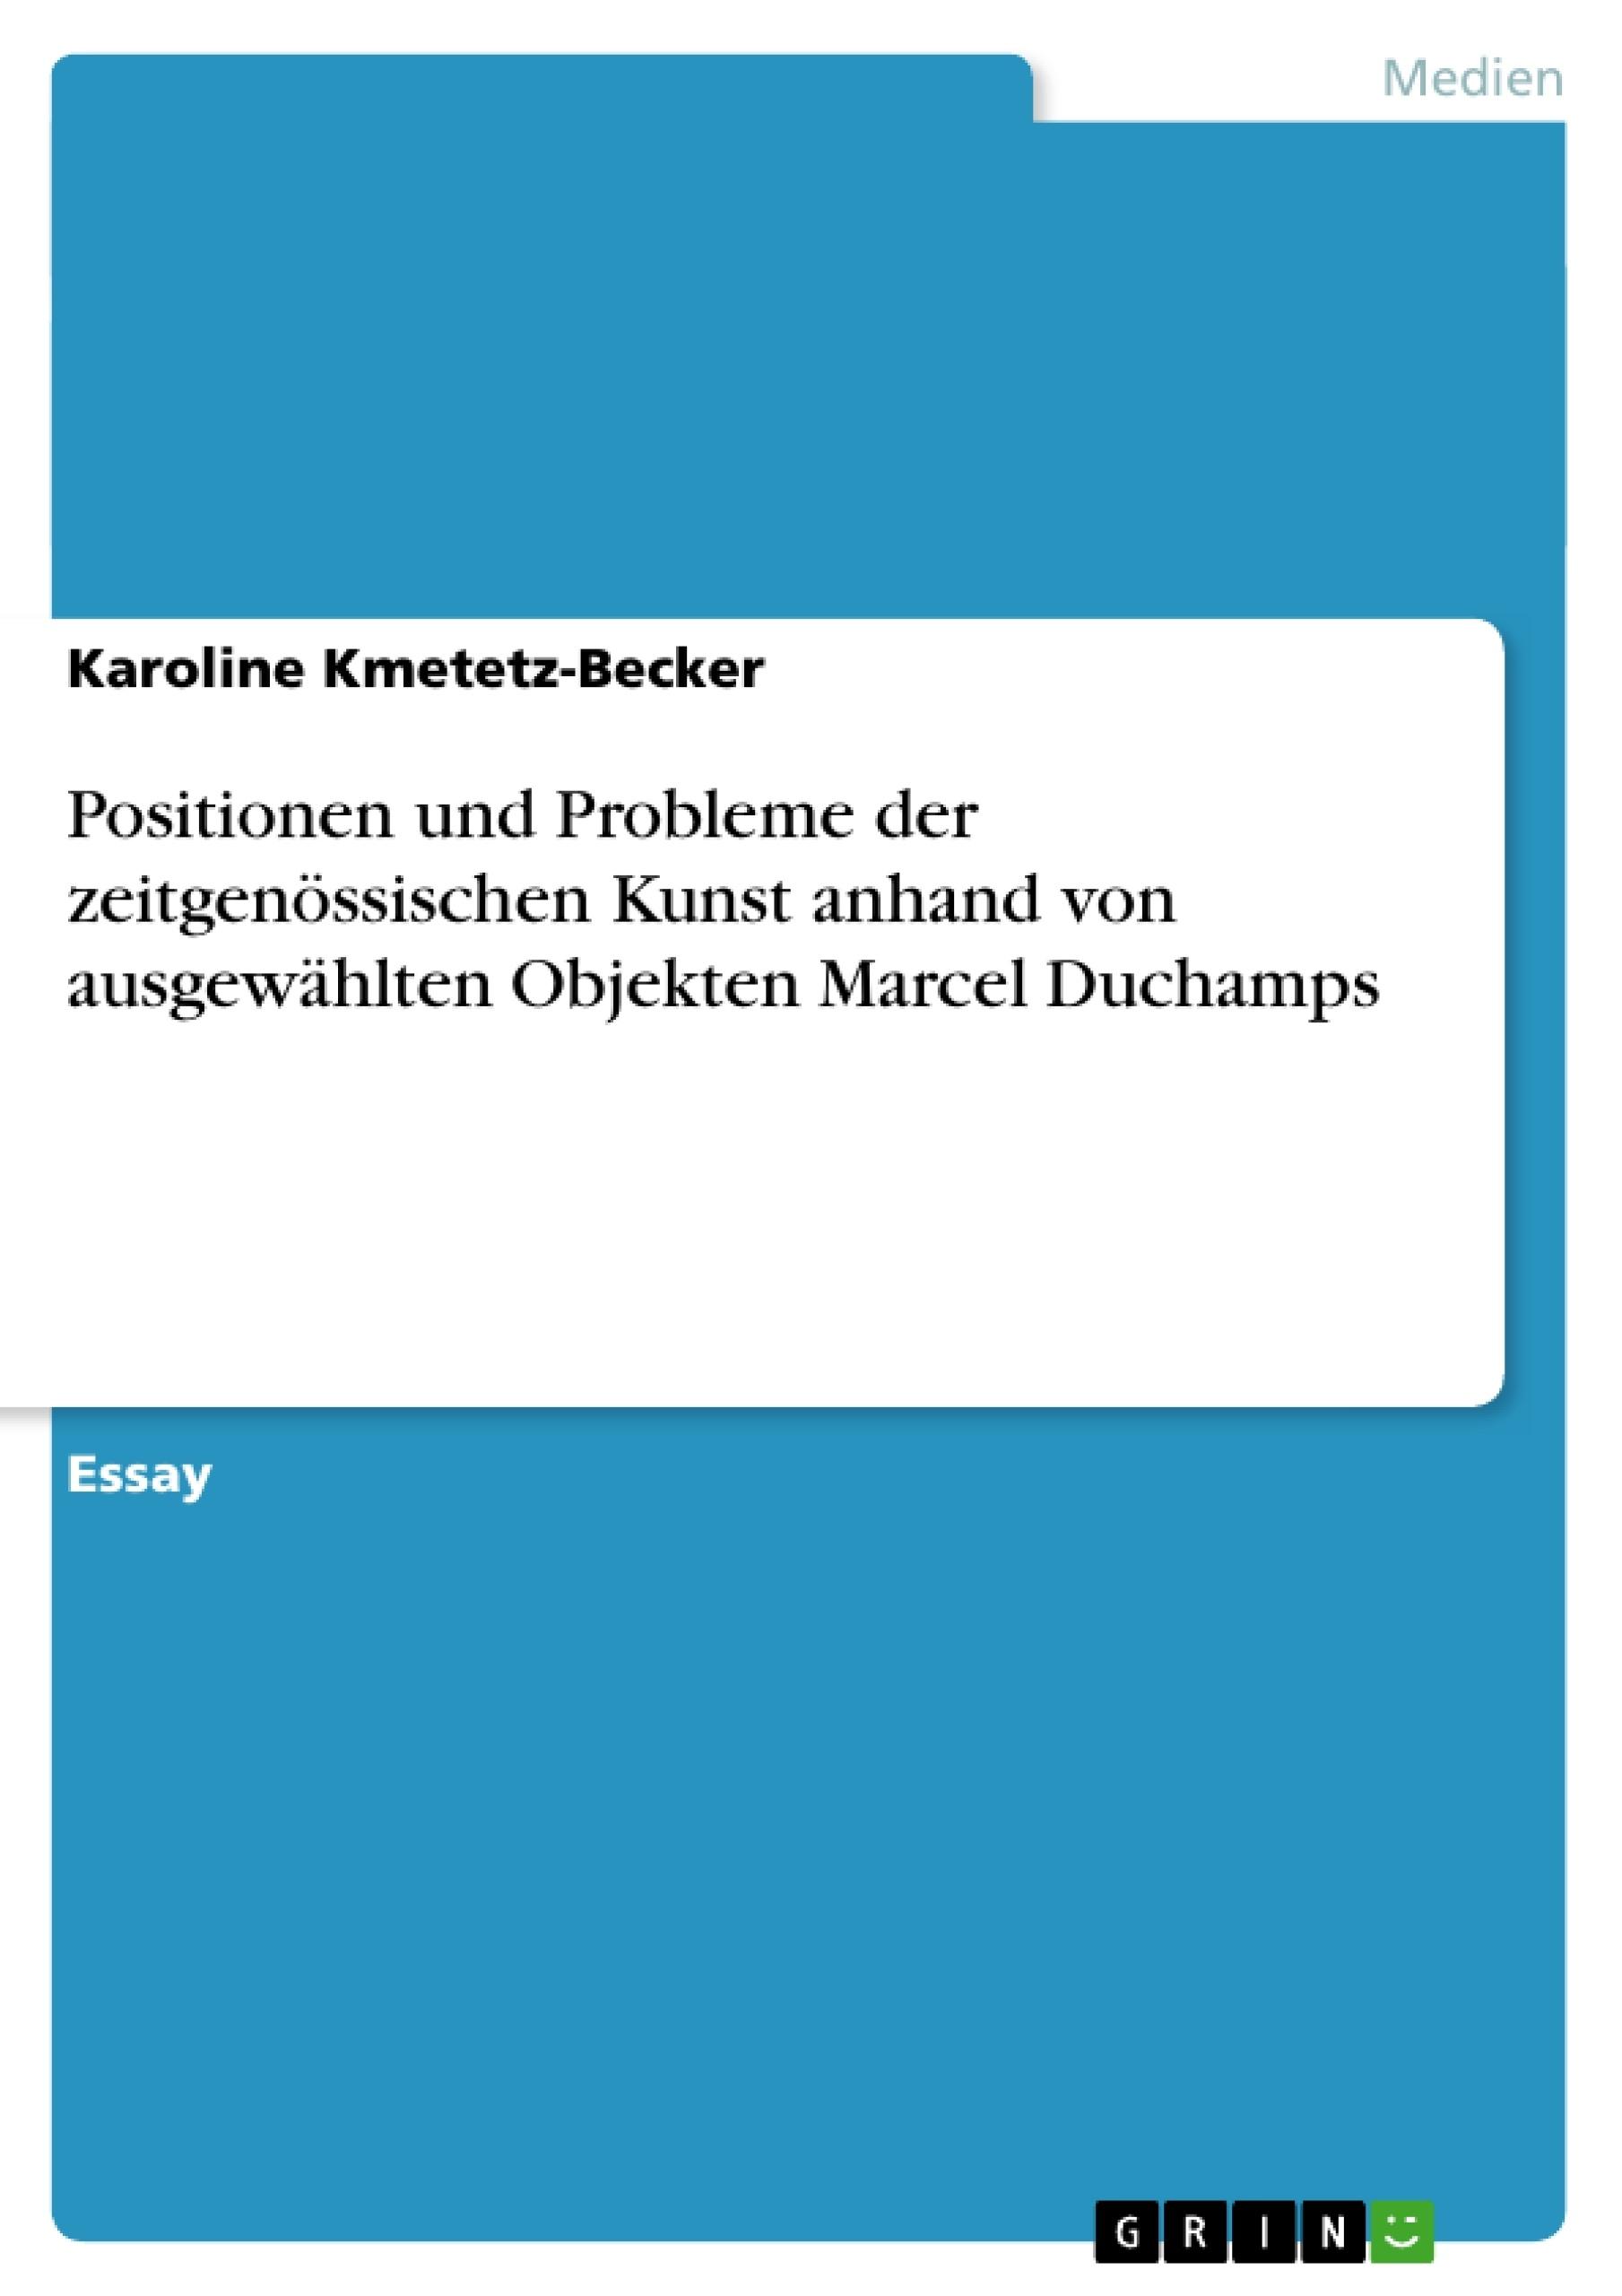 Titel: Positionen und Probleme der zeitgenössischen Kunst anhand von ausgewählten Objekten Marcel Duchamps